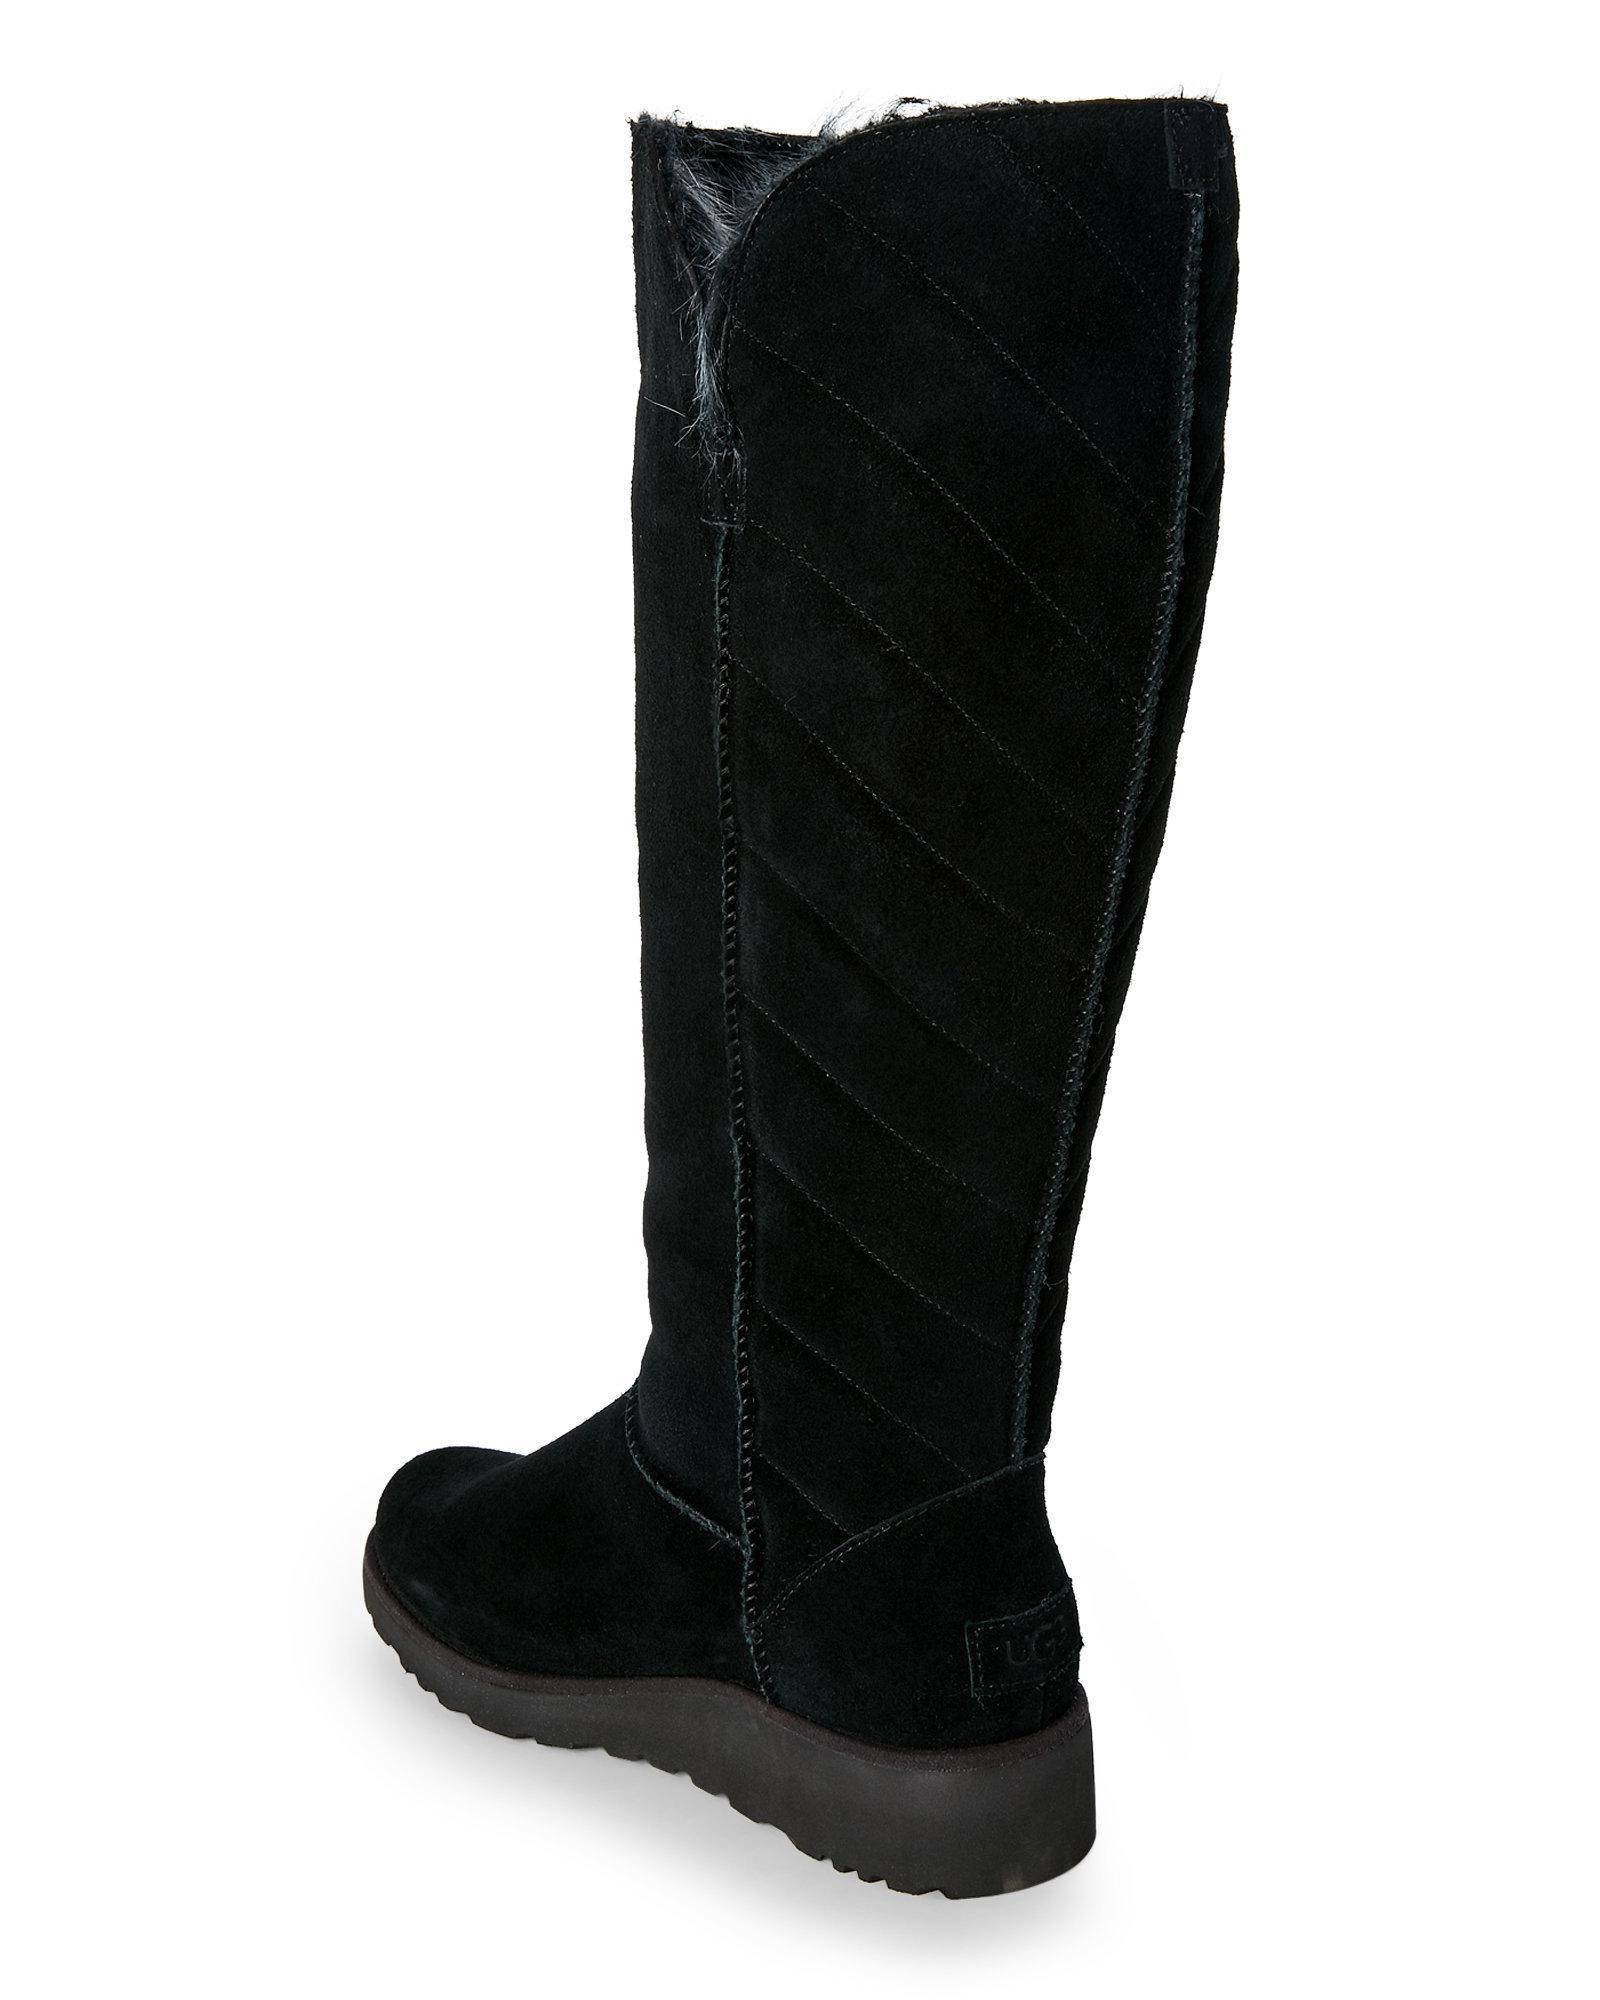 f88d3f9d7 UGG Black Rosalind Tall Sheepskin Boots in Black - Lyst